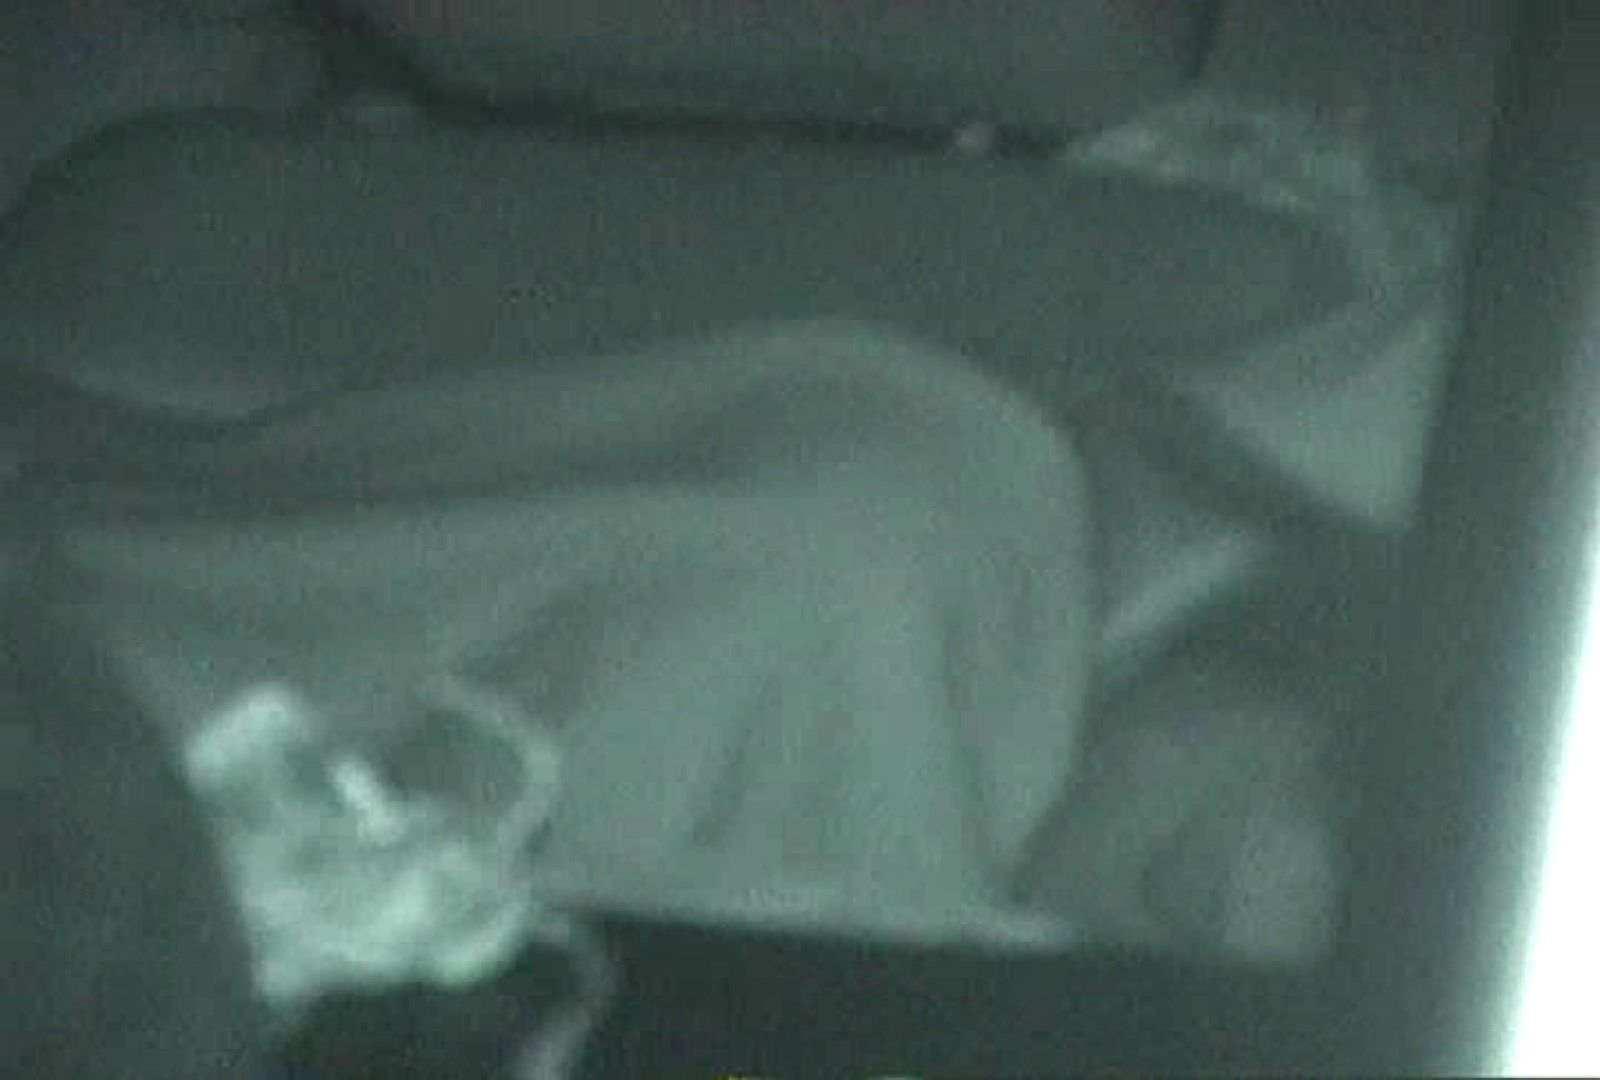 「充血監督」さんの深夜の運動会!! vol.053 セックスする女性達 オメコ動画キャプチャ 106画像 50